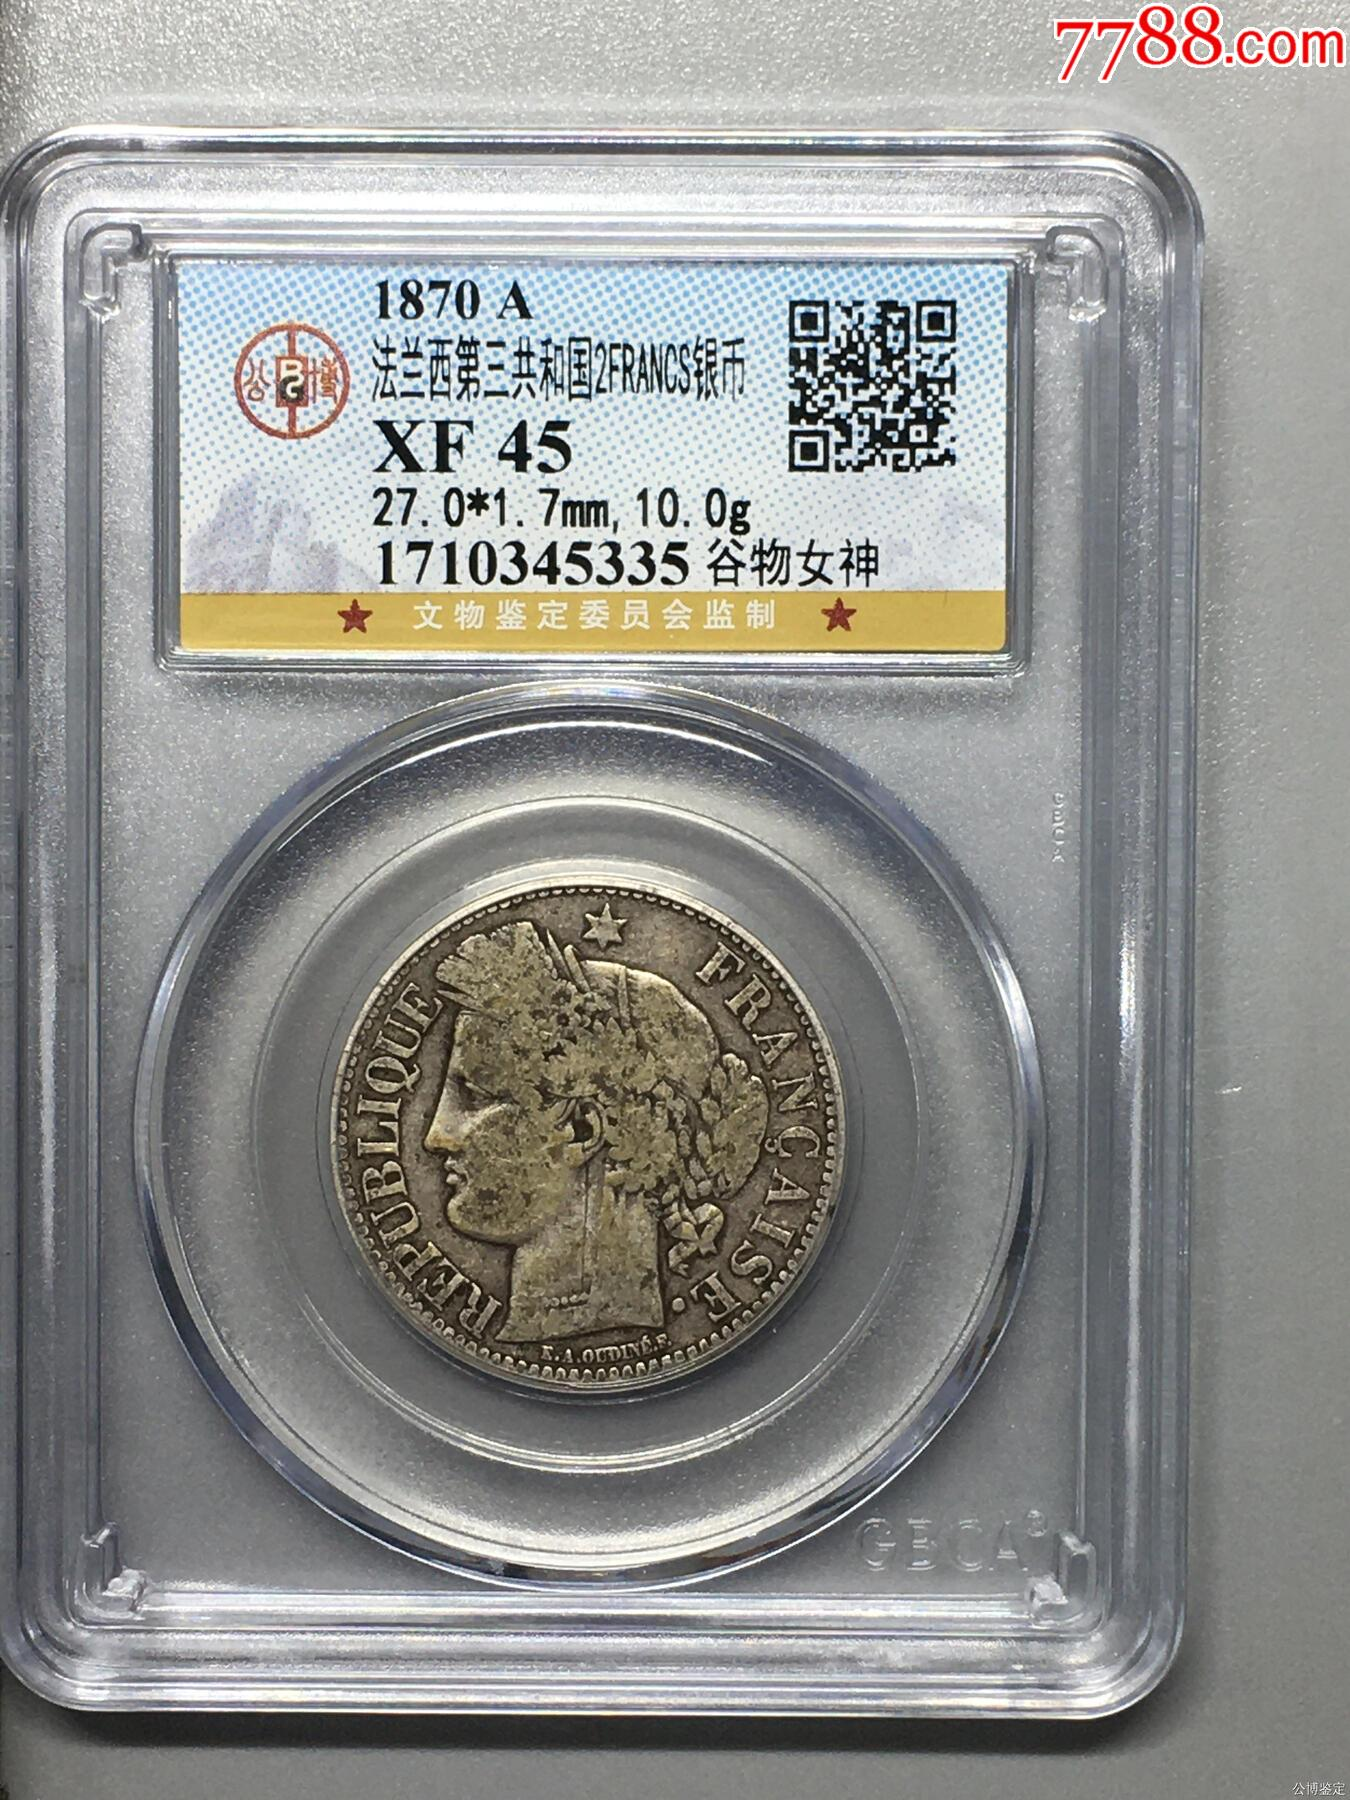 法兰西第三共和国2FRANCS银币_价格169元_第1张_